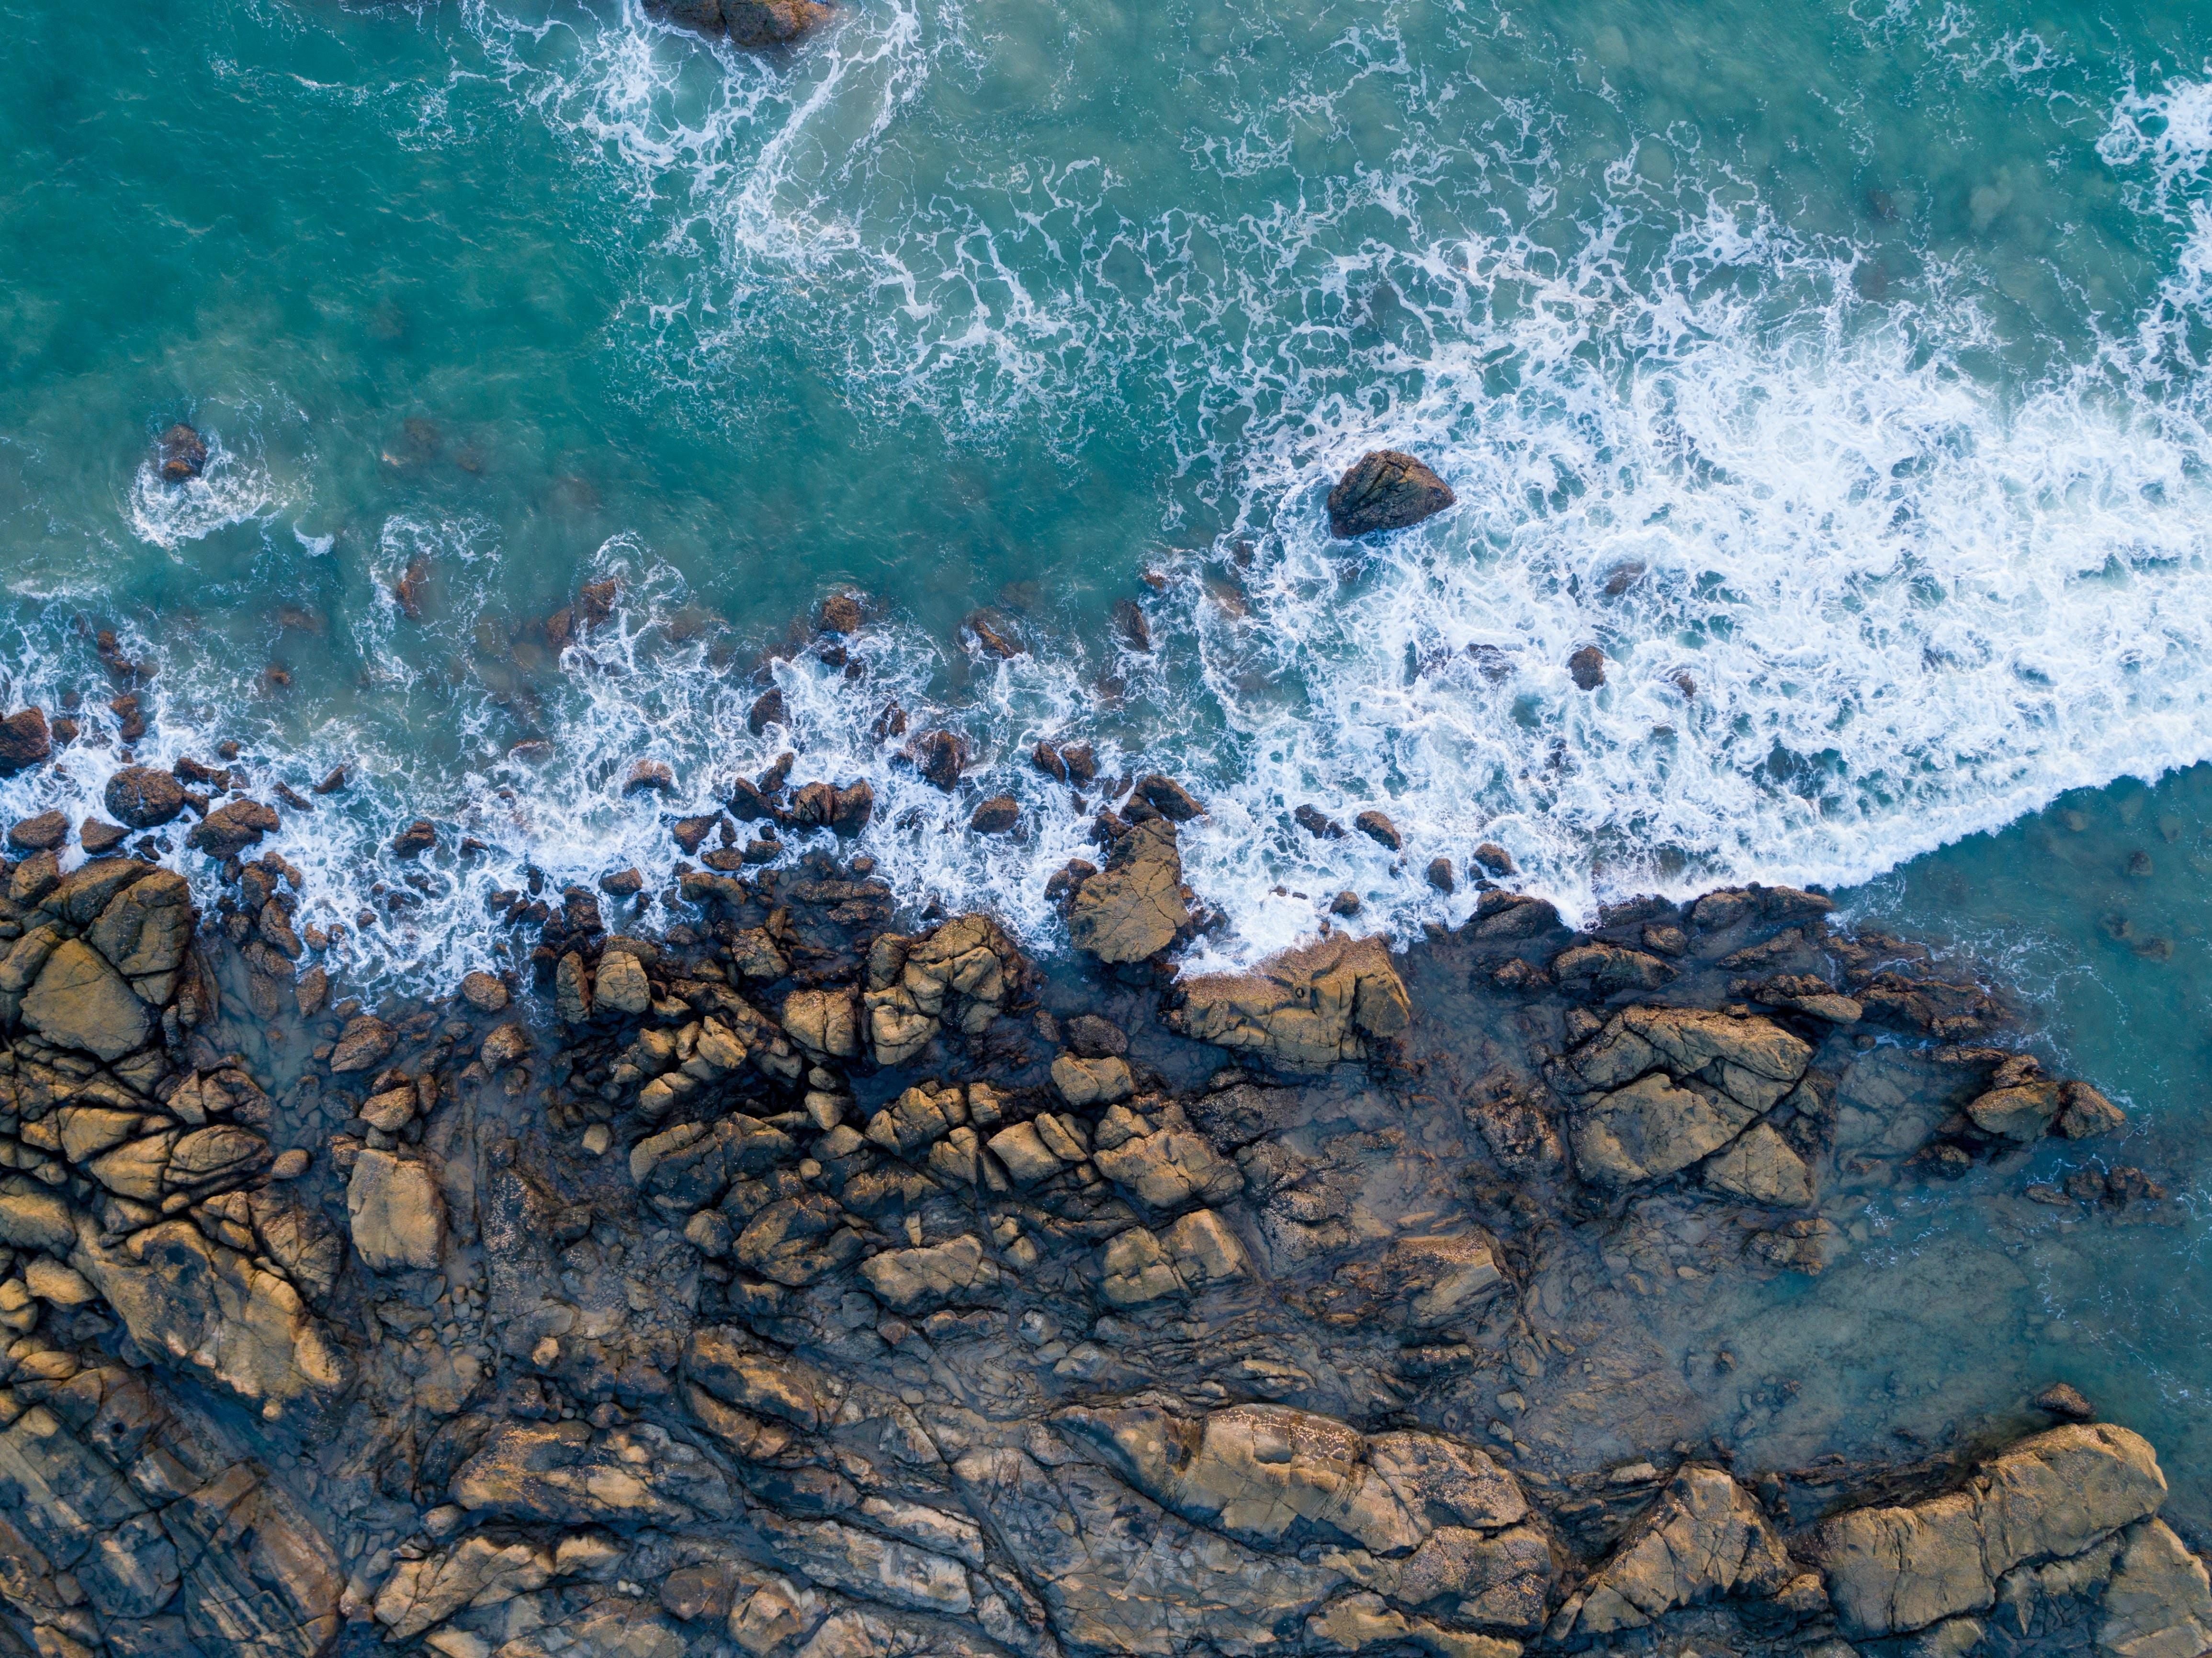 157440 descargar fondo de pantalla Mar, Naturaleza, Stones, Orilla, Banco, Navegar, Surfear: protectores de pantalla e imágenes gratis